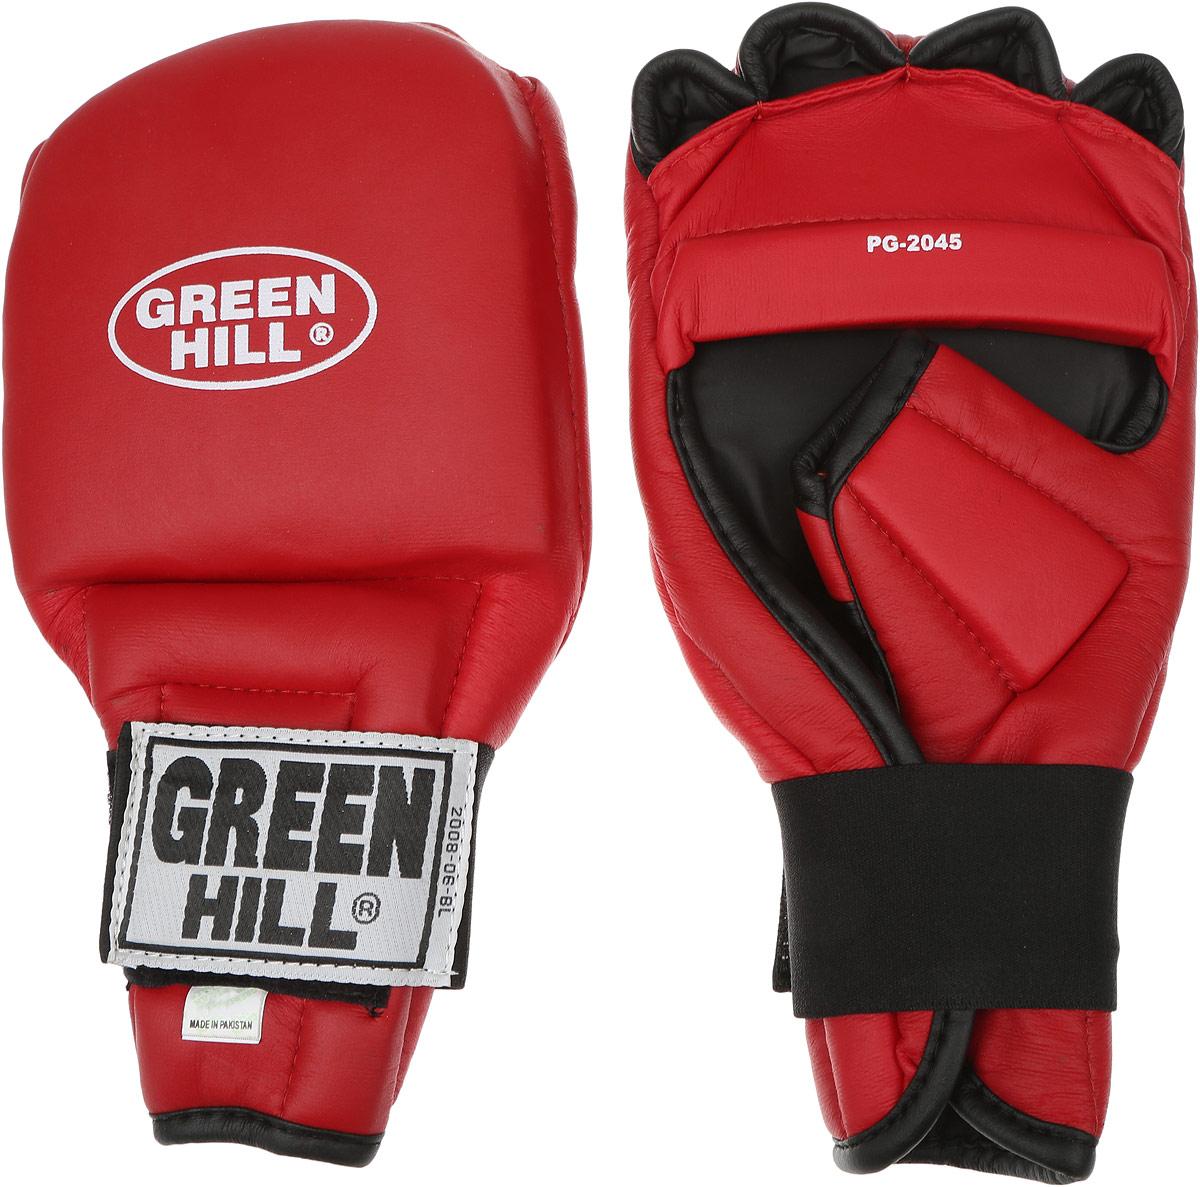 Перчатки для рукопашного боя Green Hill, цвет: красный, черный. Размер XL. PG-2045PG-2045Перчатки для рукопашного боя Green Hill произведены из высококачественной искусственной кожи. Подойдут для занятий кунг-фу. Конструкция предусматривает открытые пальцы — необходимый атрибут для проведения захватов. Манжеты на липучках позволяют быстро снимать и надевать перчатки без каких-либо неудобств. Анатомическая посадка предохраняет руки от повреждений.